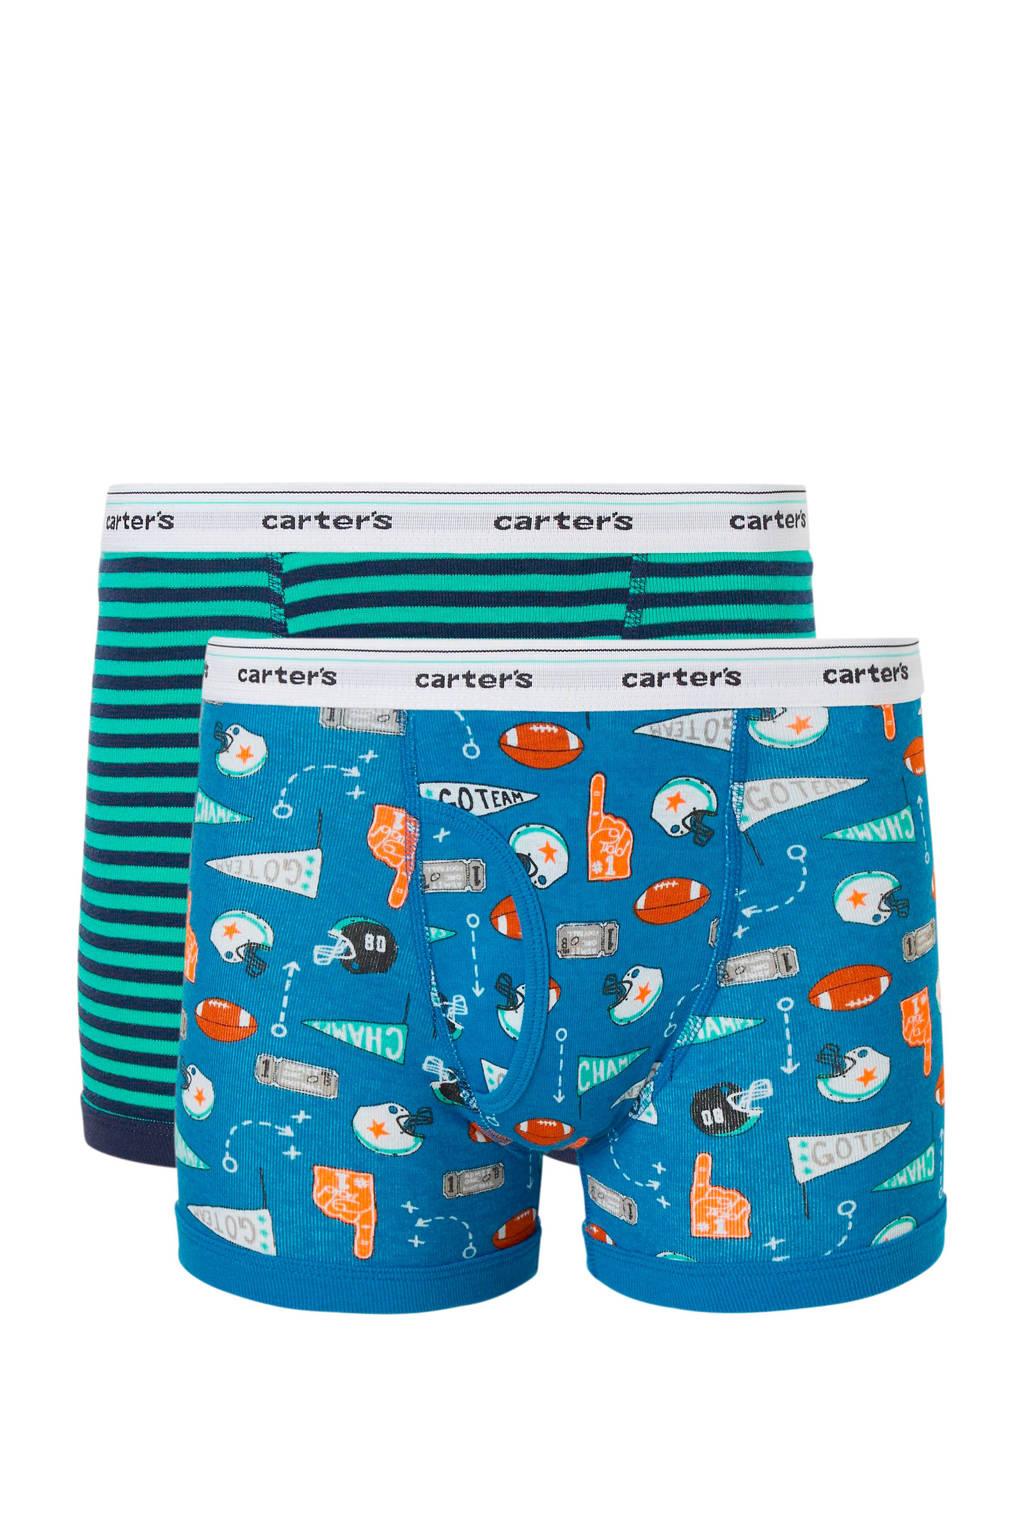 Carter's   boxershort - set van 2, Blauw/groen